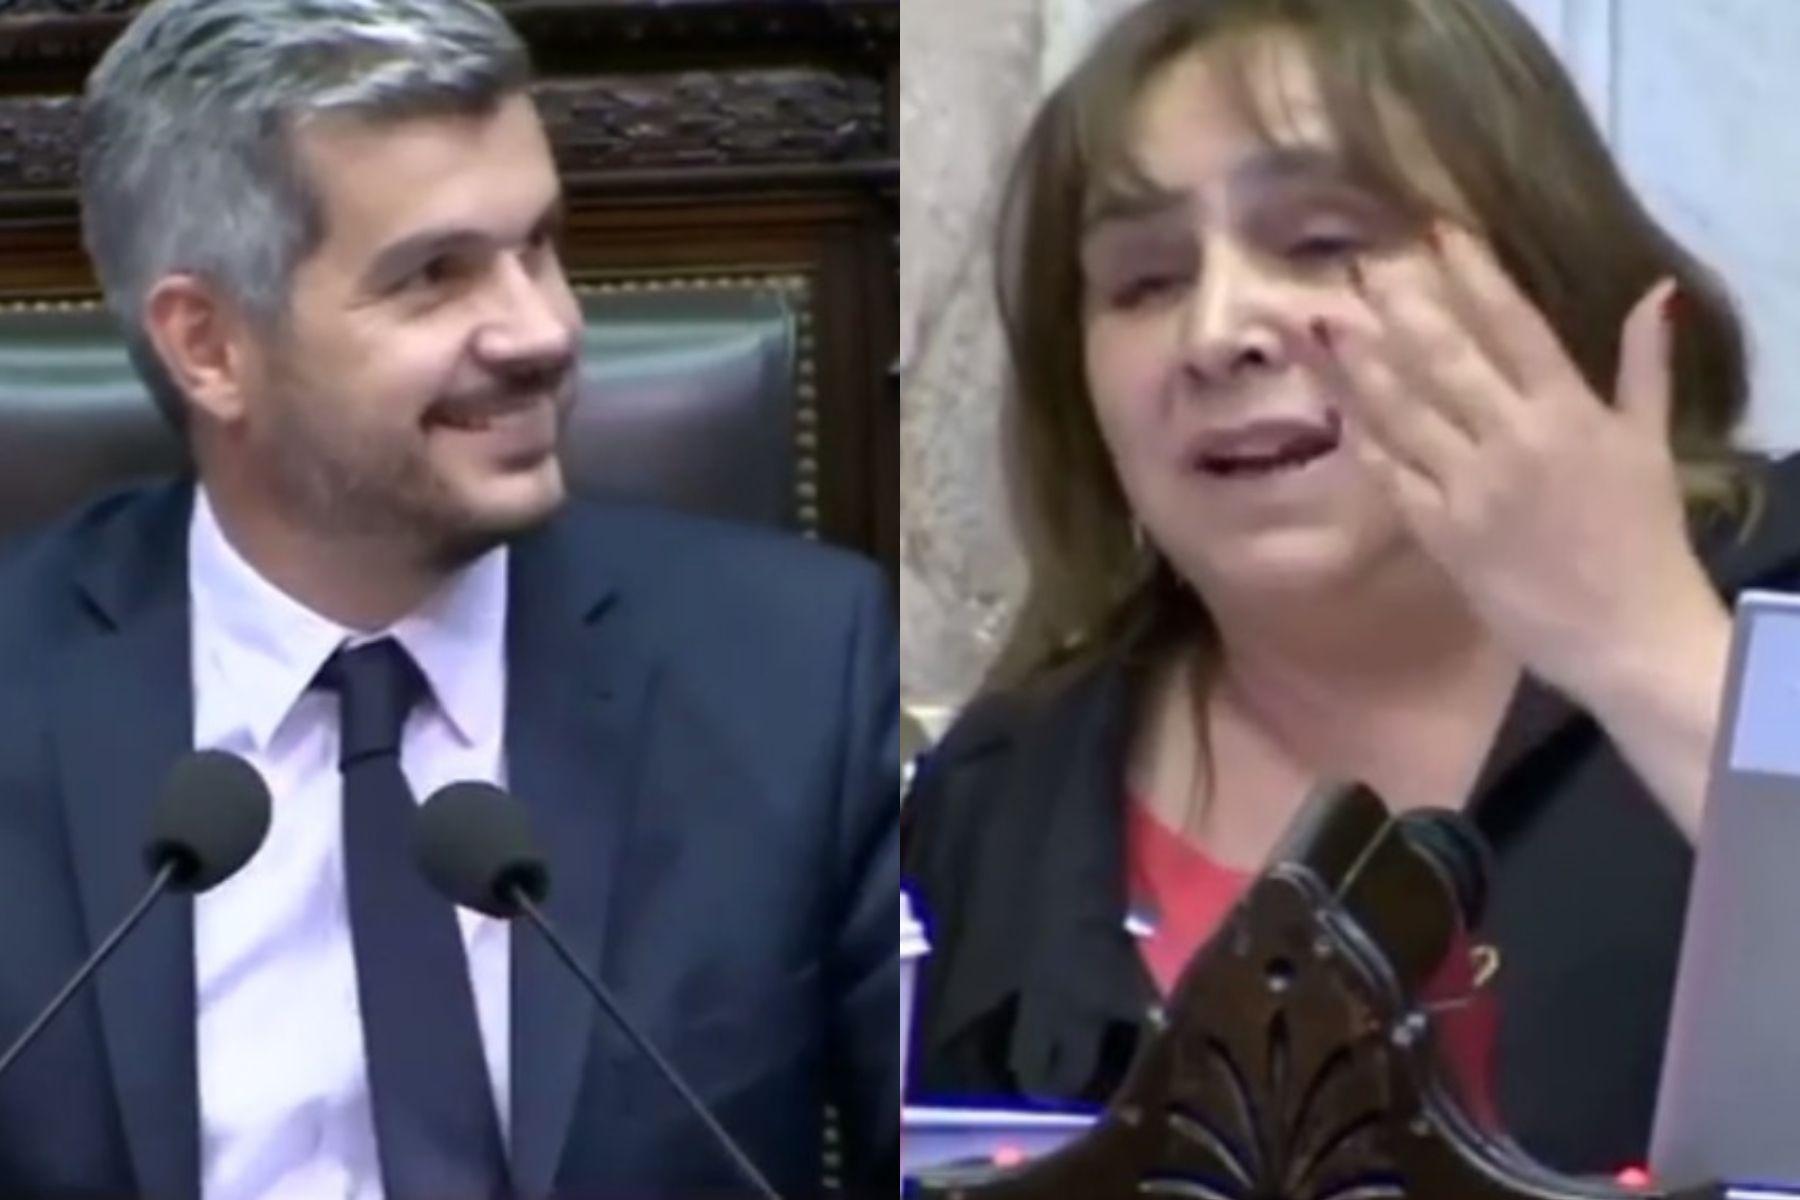 La insólita bienvenida a Peña en Diputados: Como todos sabemos que Macri es gato, le diría buenas tardes Jerry